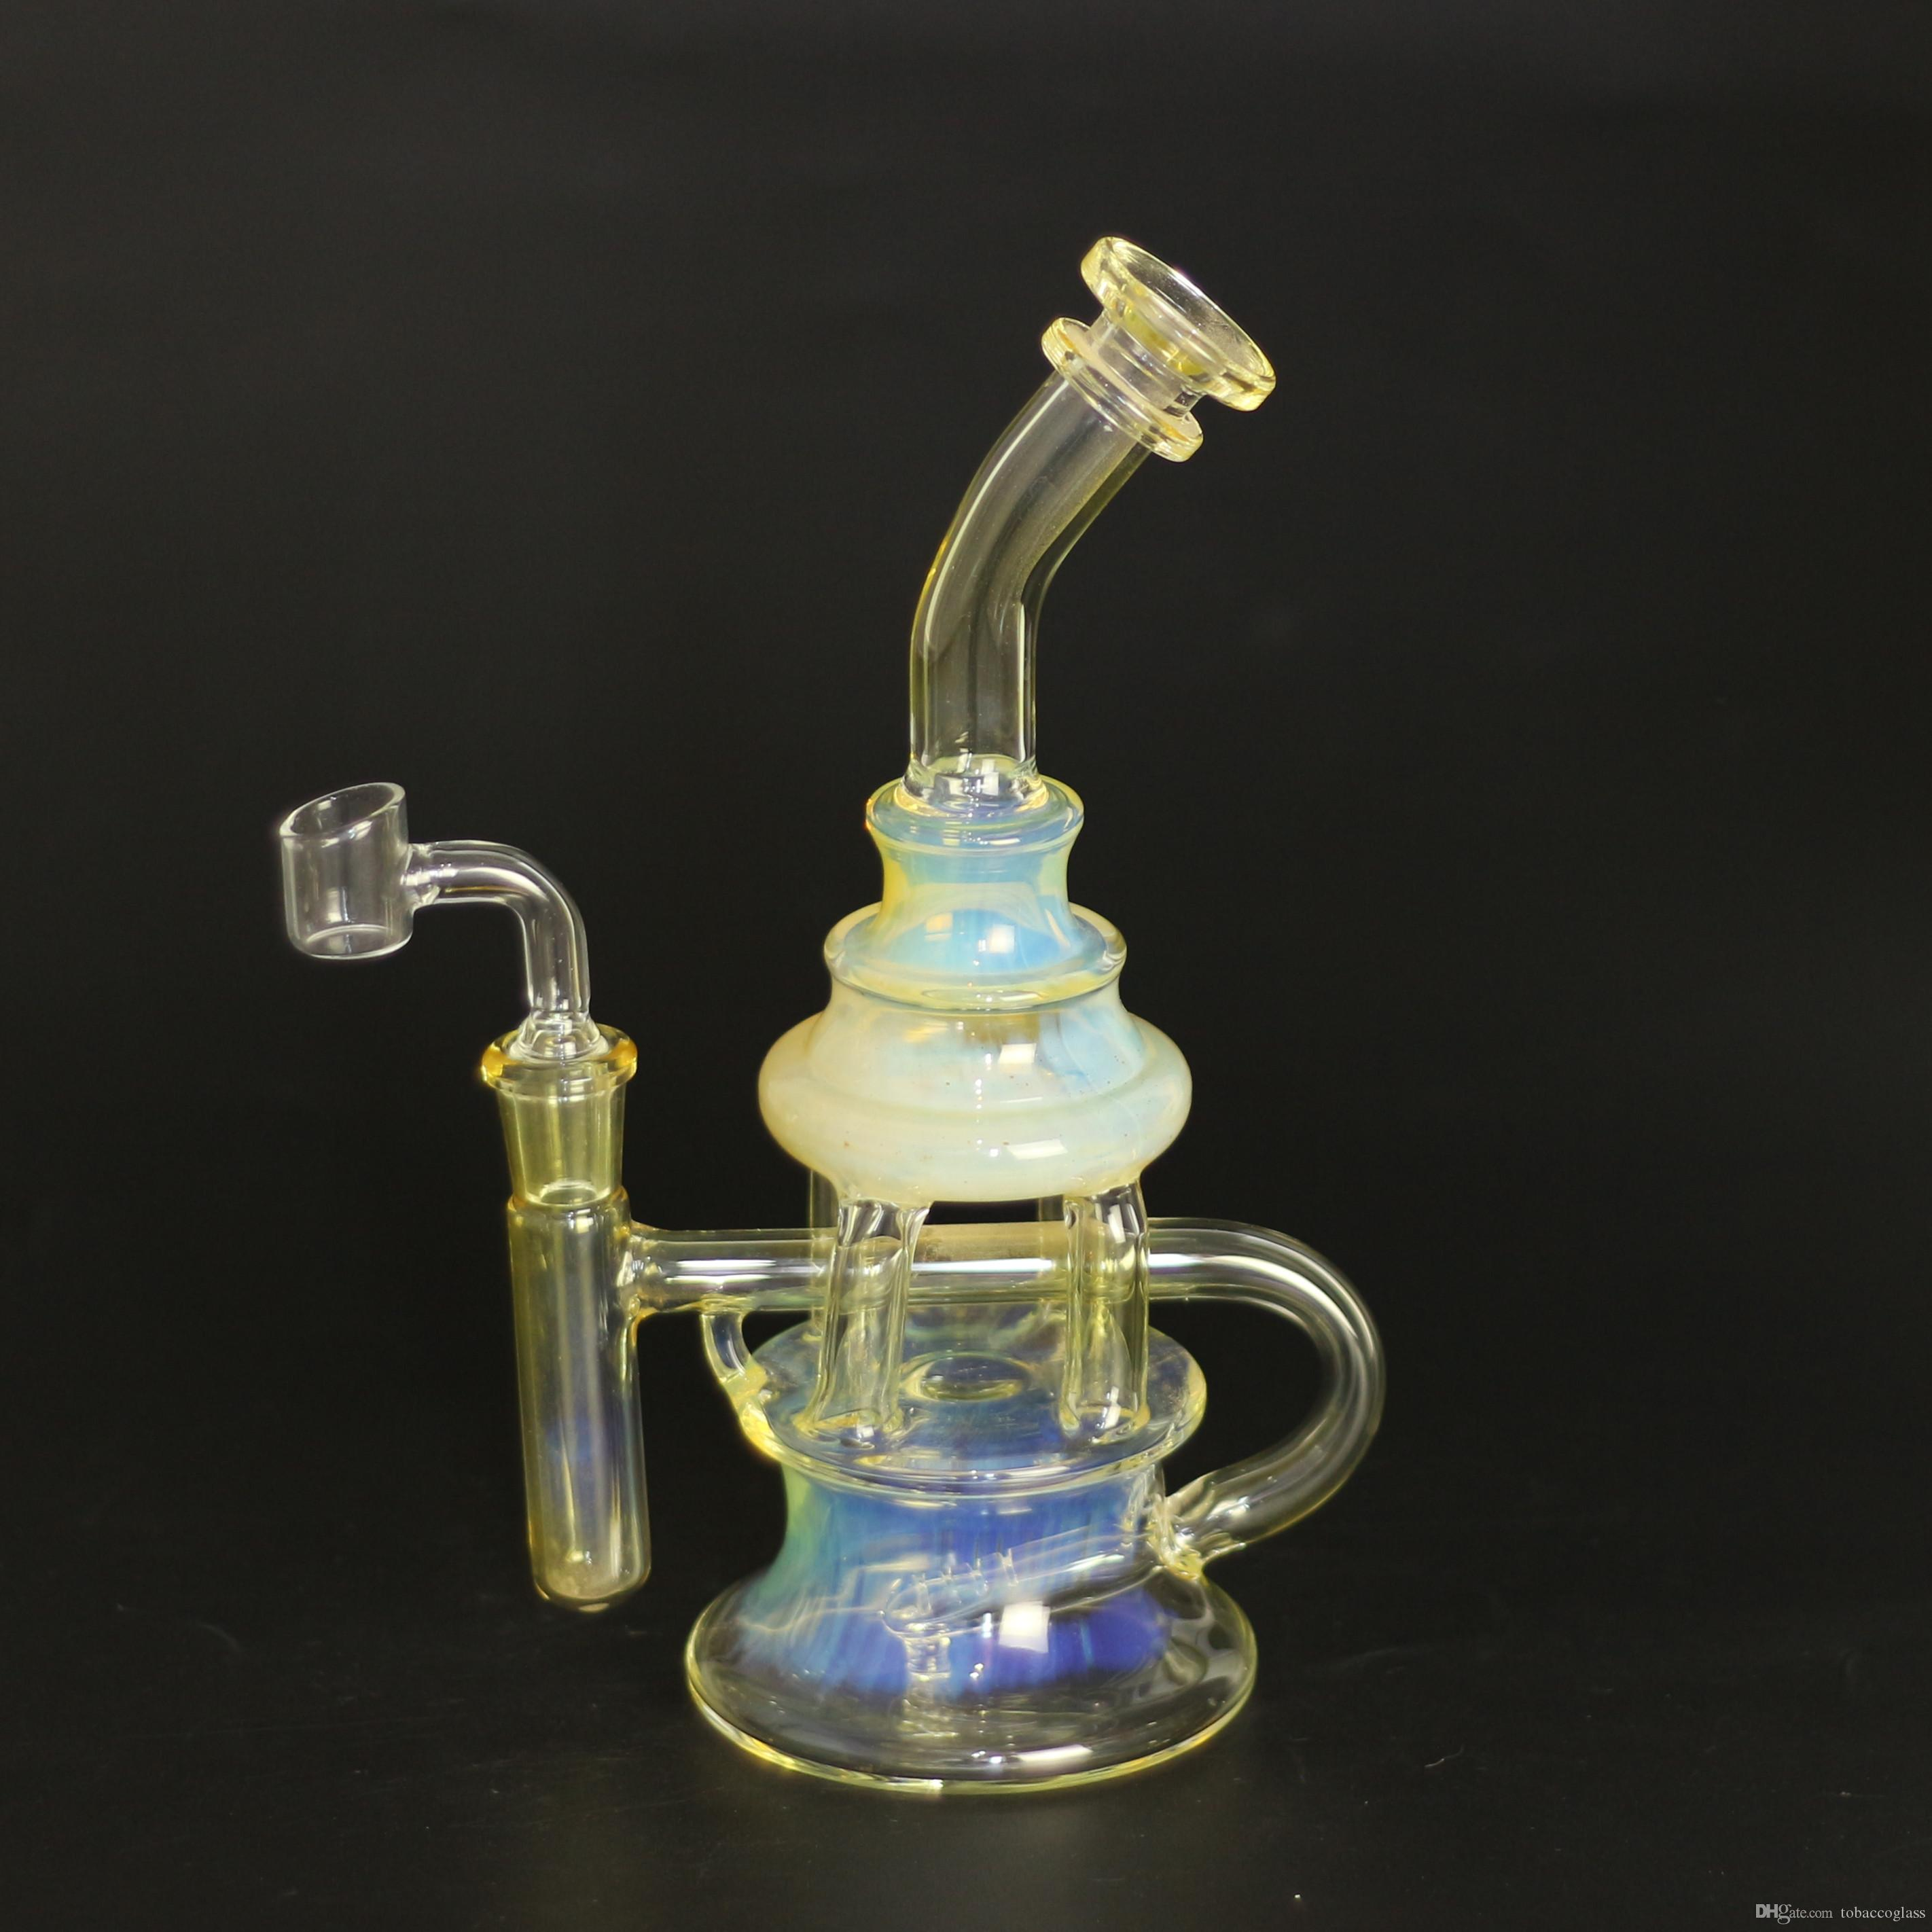 9inch argento Fumed colorate Dab Oil Rigs Heady Bong in vetro con 4 MM quarzo Banger Nail Recycler olio Bubbler Cyclone Perc vetro tubo di acqua